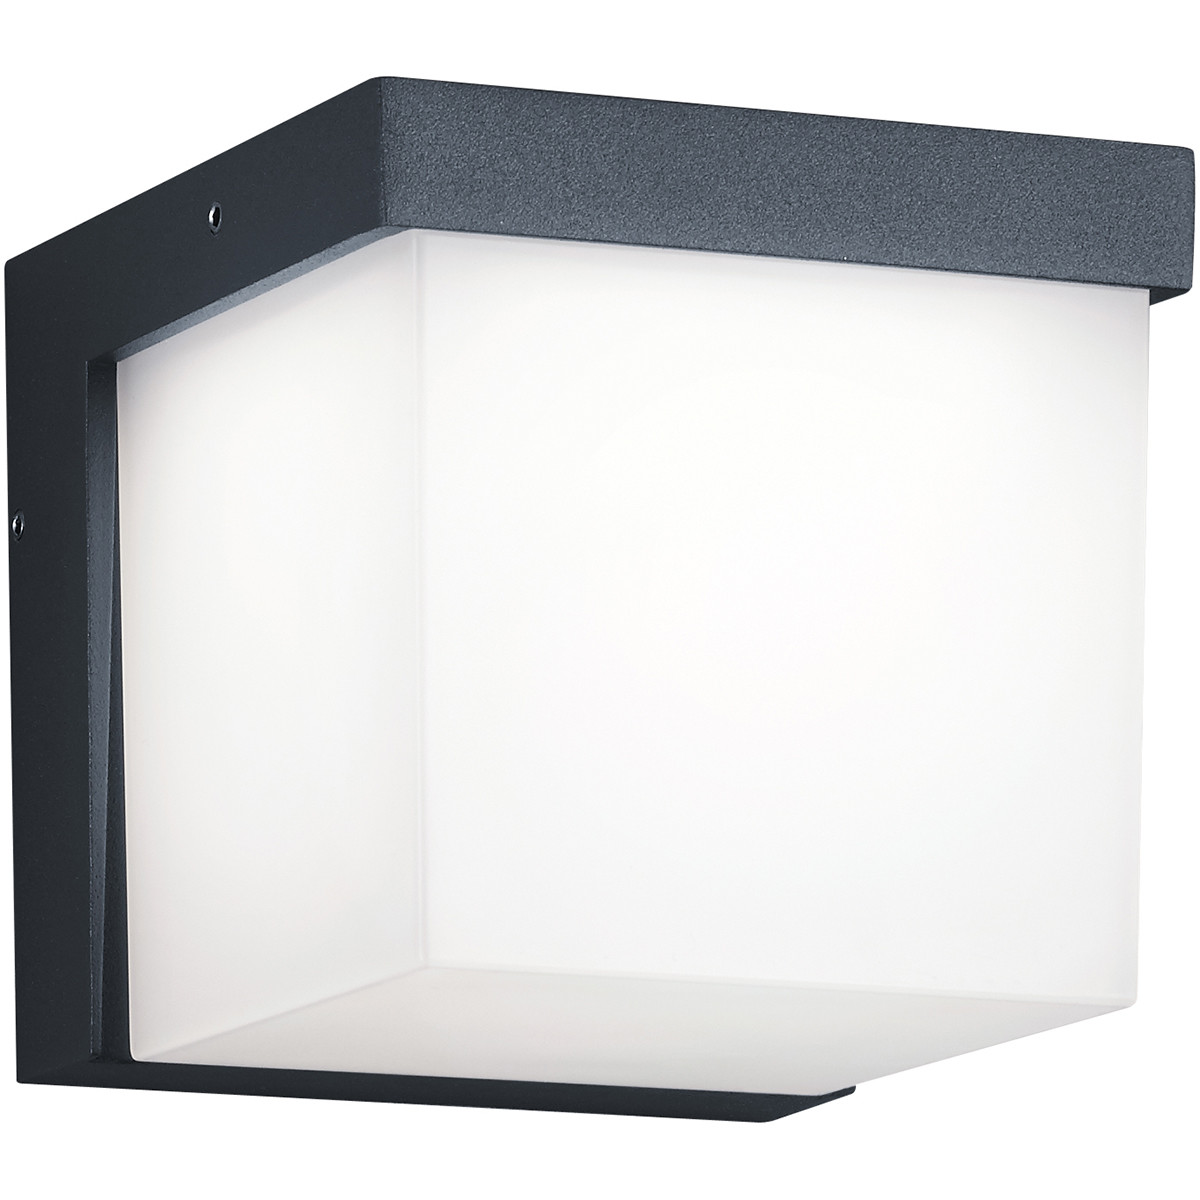 LED Tuinverlichting - Tuinlamp - Trion Yanely - Wand - 3W - Mat Zwart - Aluminium